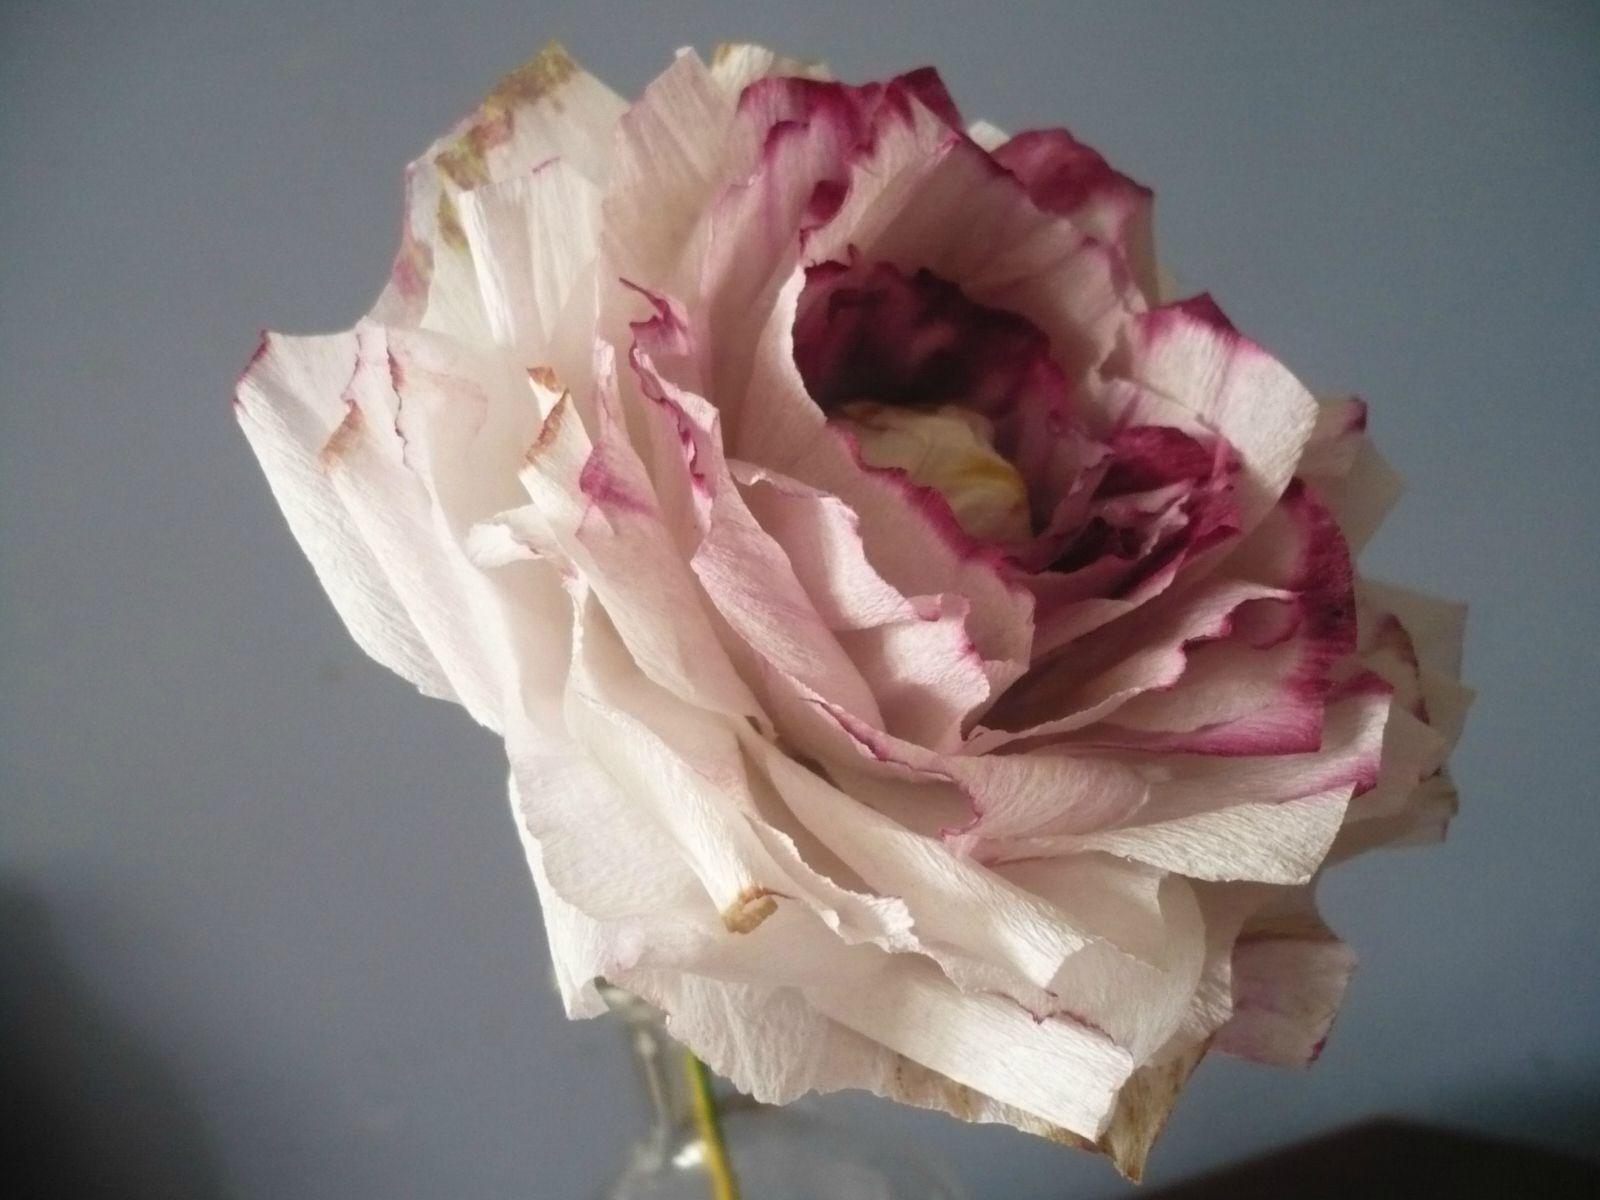 Rose En Papier Crépon Délavé … | Rose En Papier Crepon, Rose dedans Realisation Papier Crepon